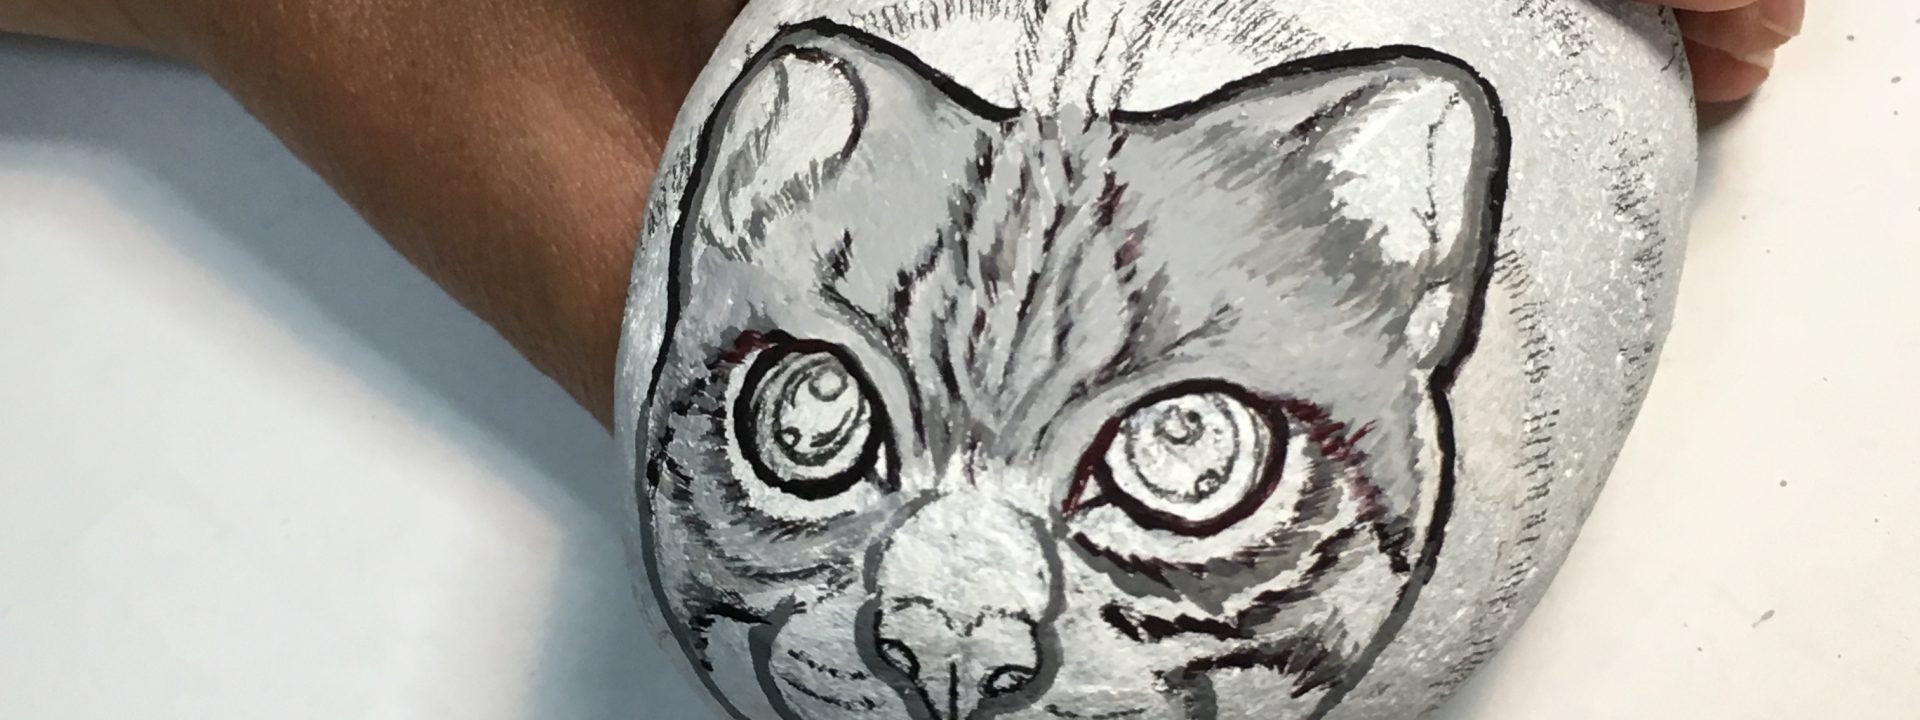 石猫の制作を再開しました